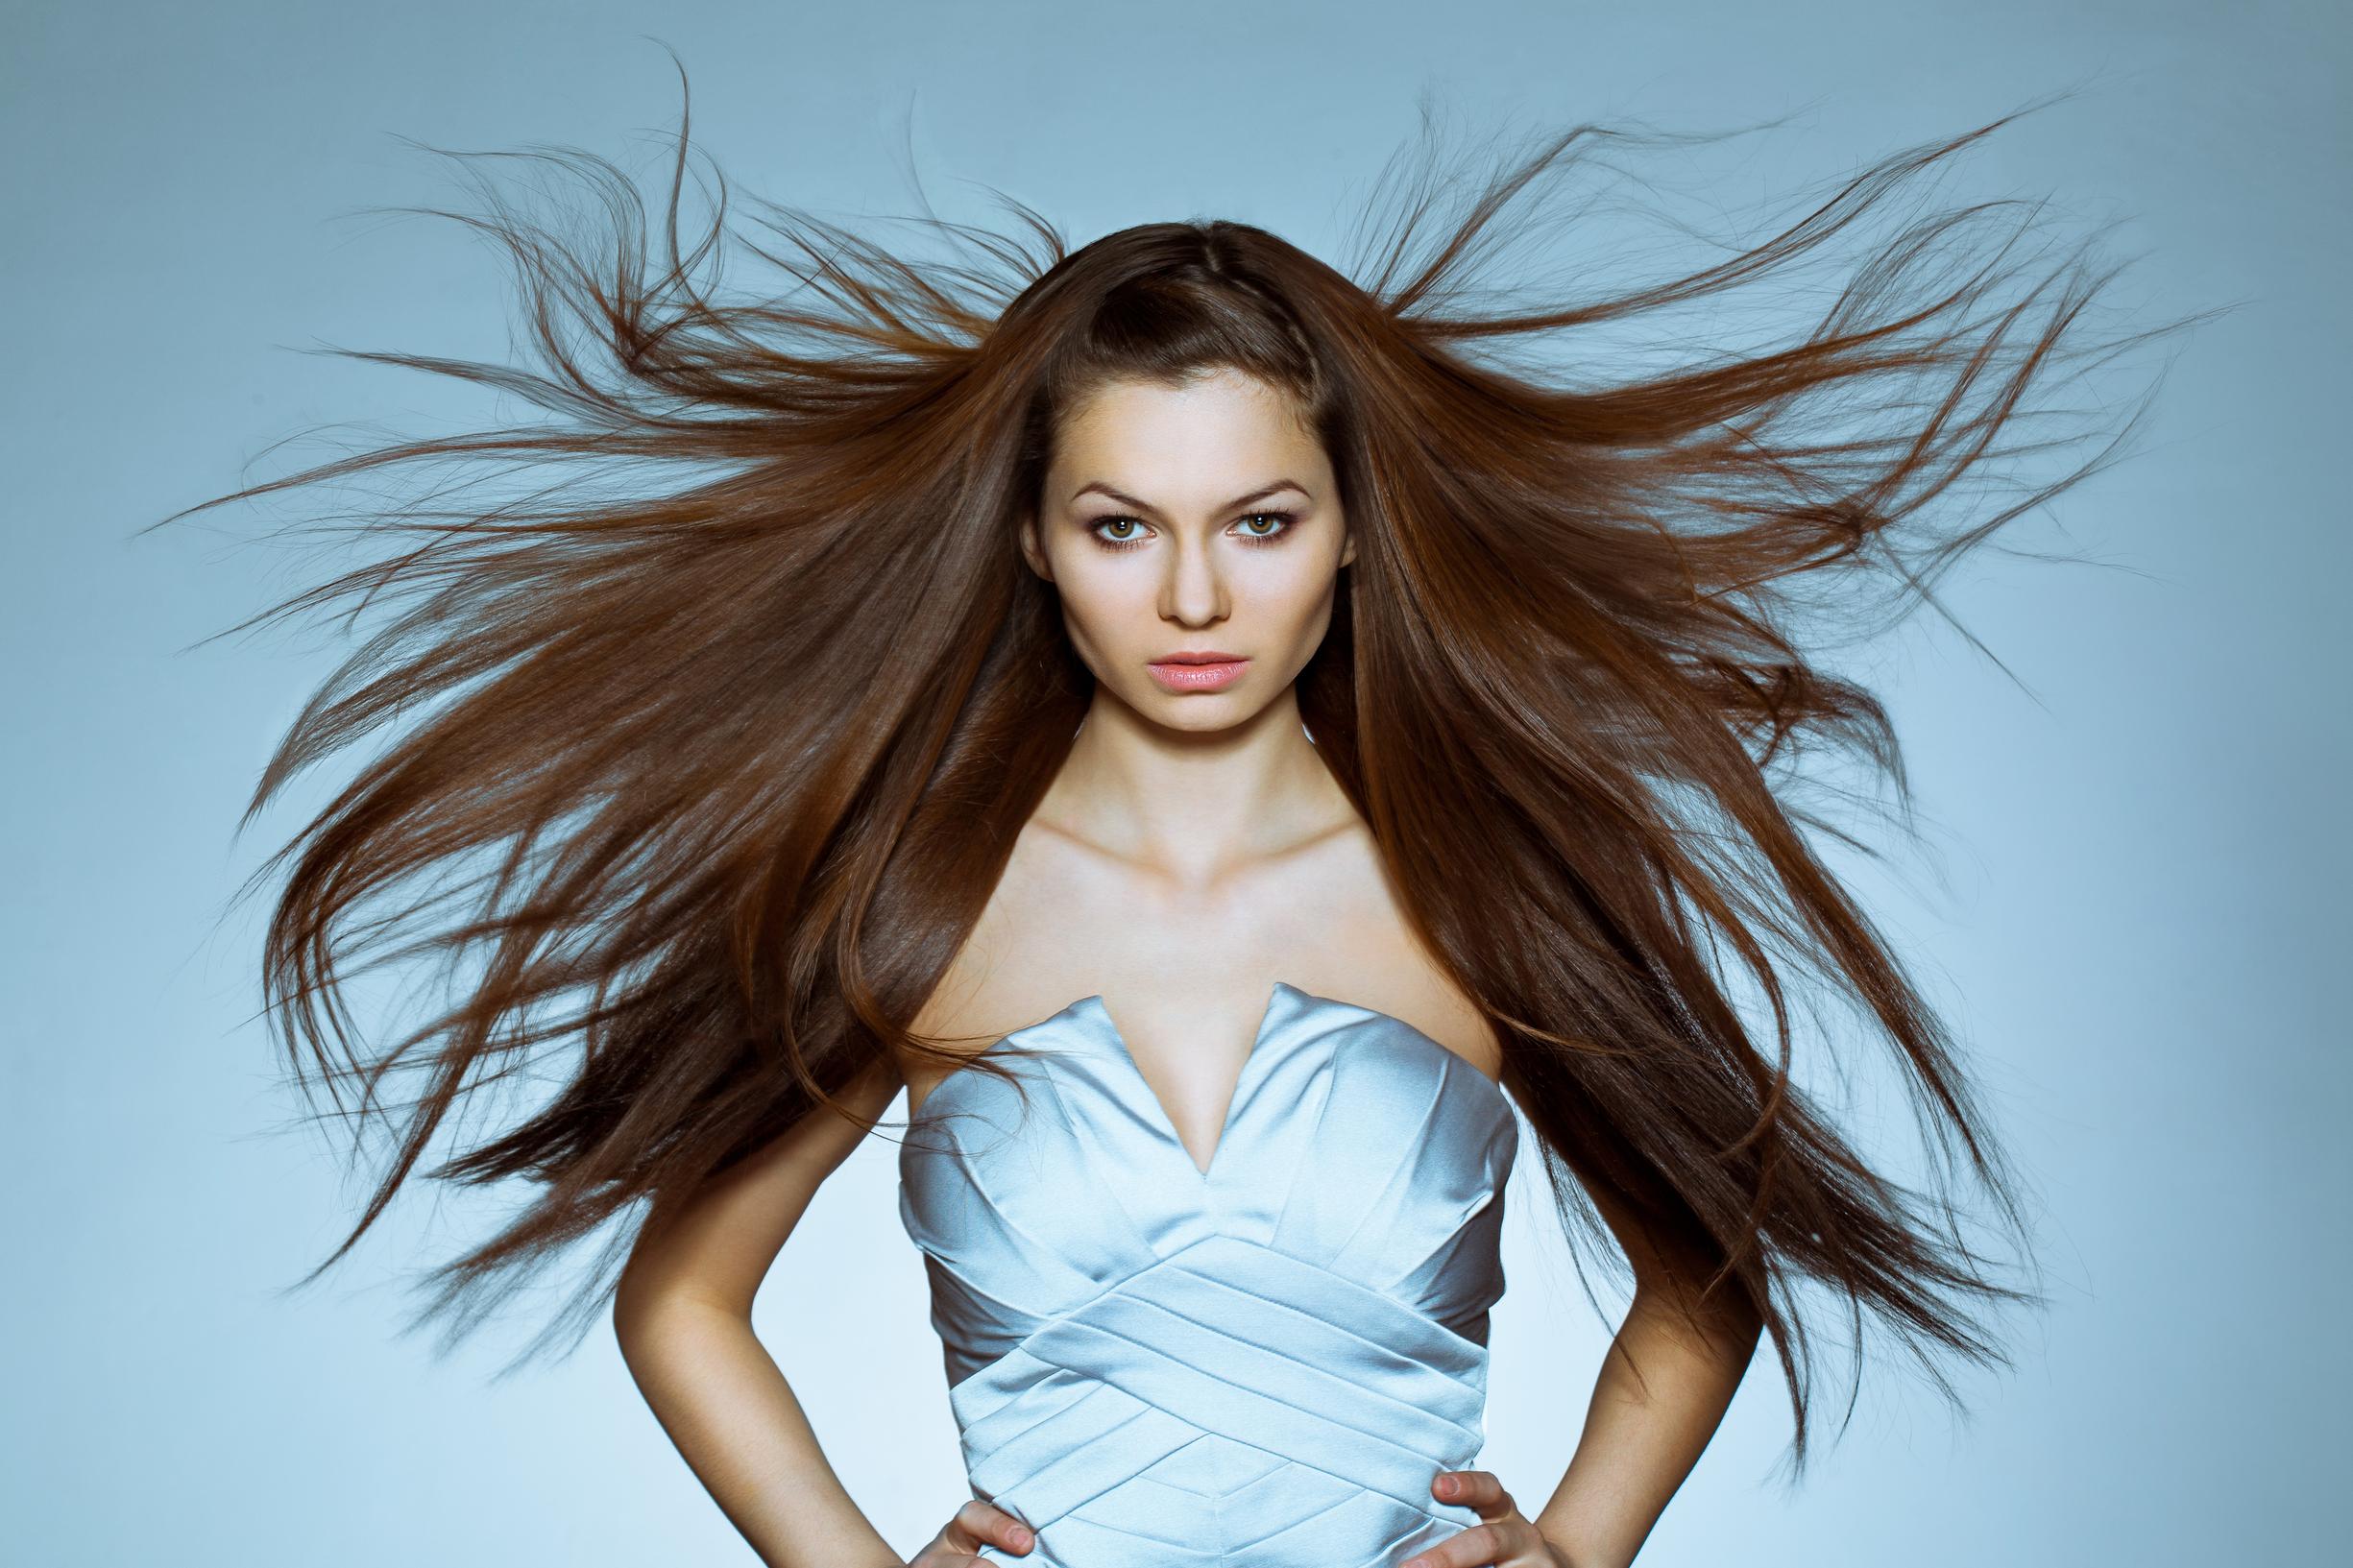 Маска для волос для роста волос в домашних условиях рецепт также сделать пластическую